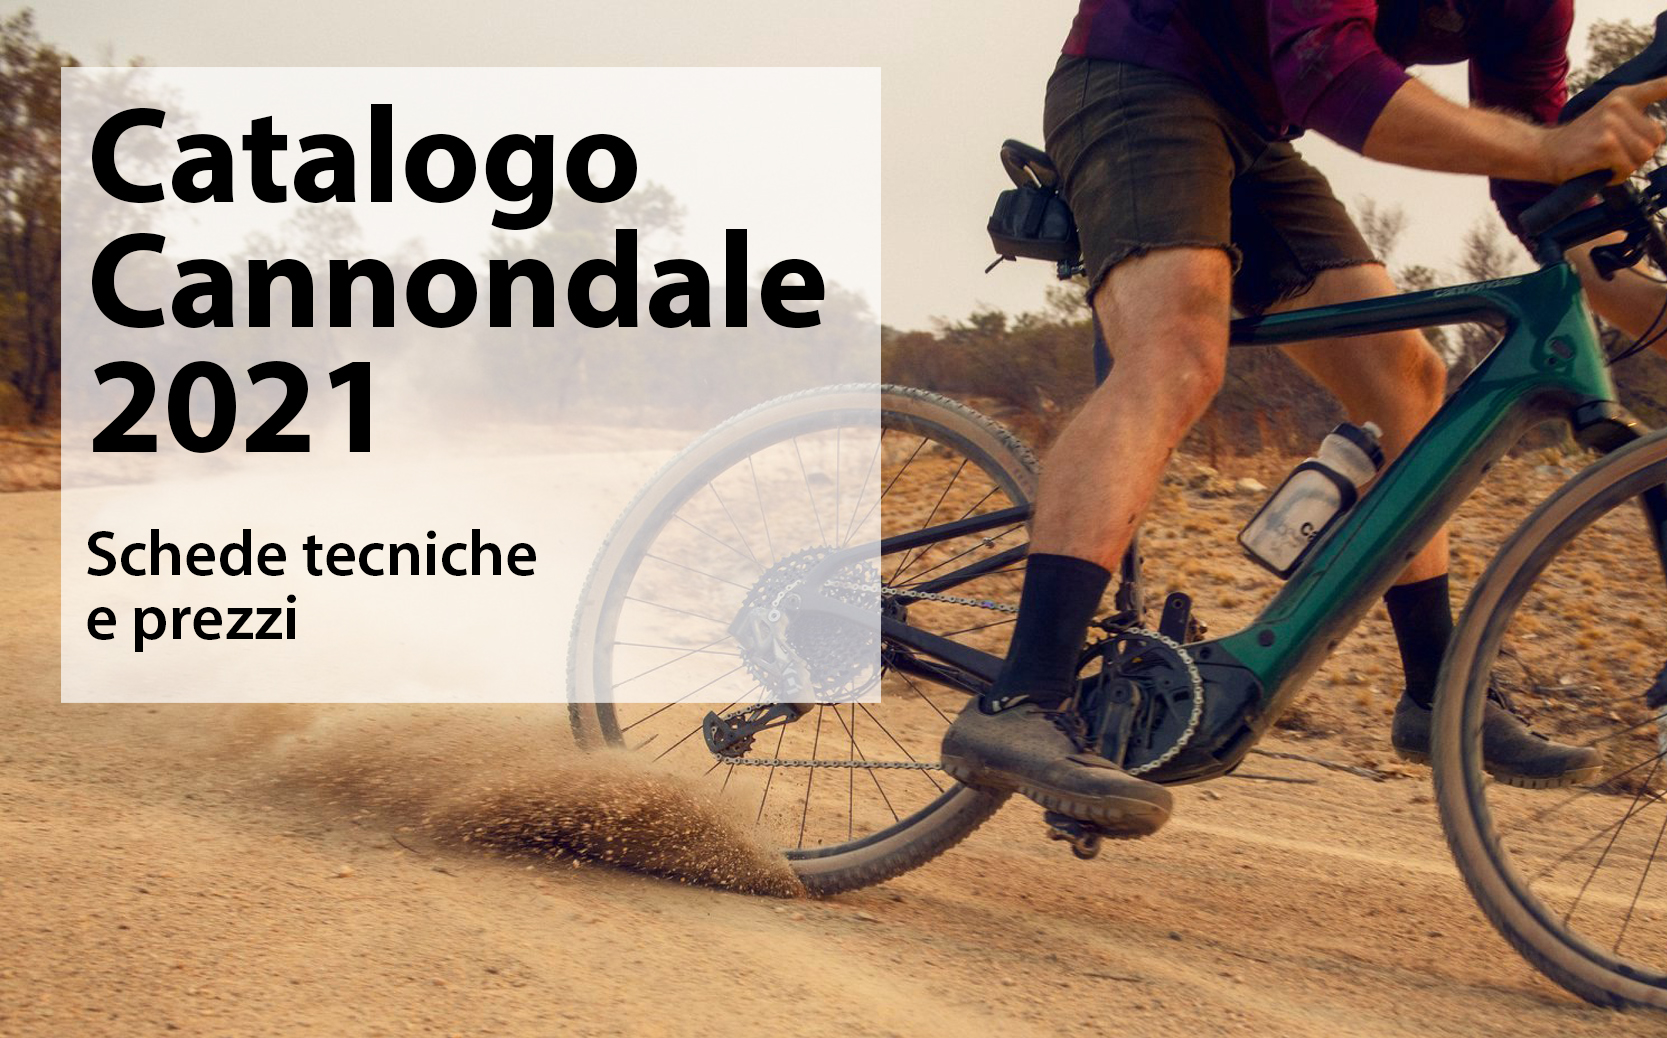 cannondale catalogo ebike 2021 bici elettriche bologna